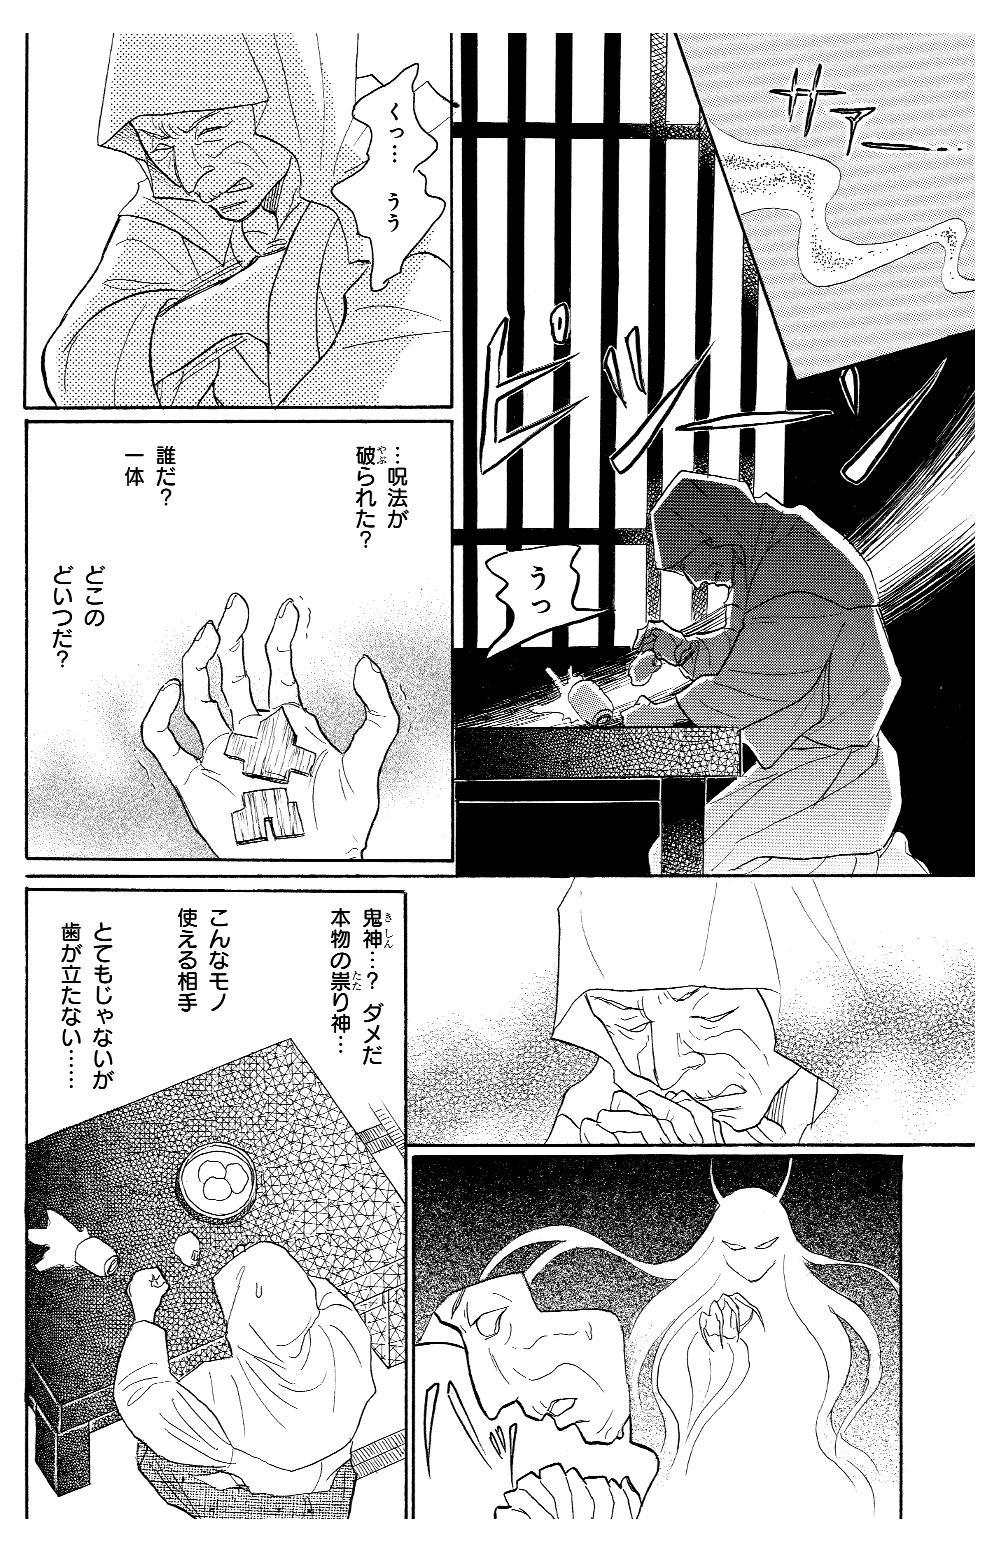 伊集院月丸の残念な霊能稼業 第2話「ひんあな神」②ijuin04-11.jpg